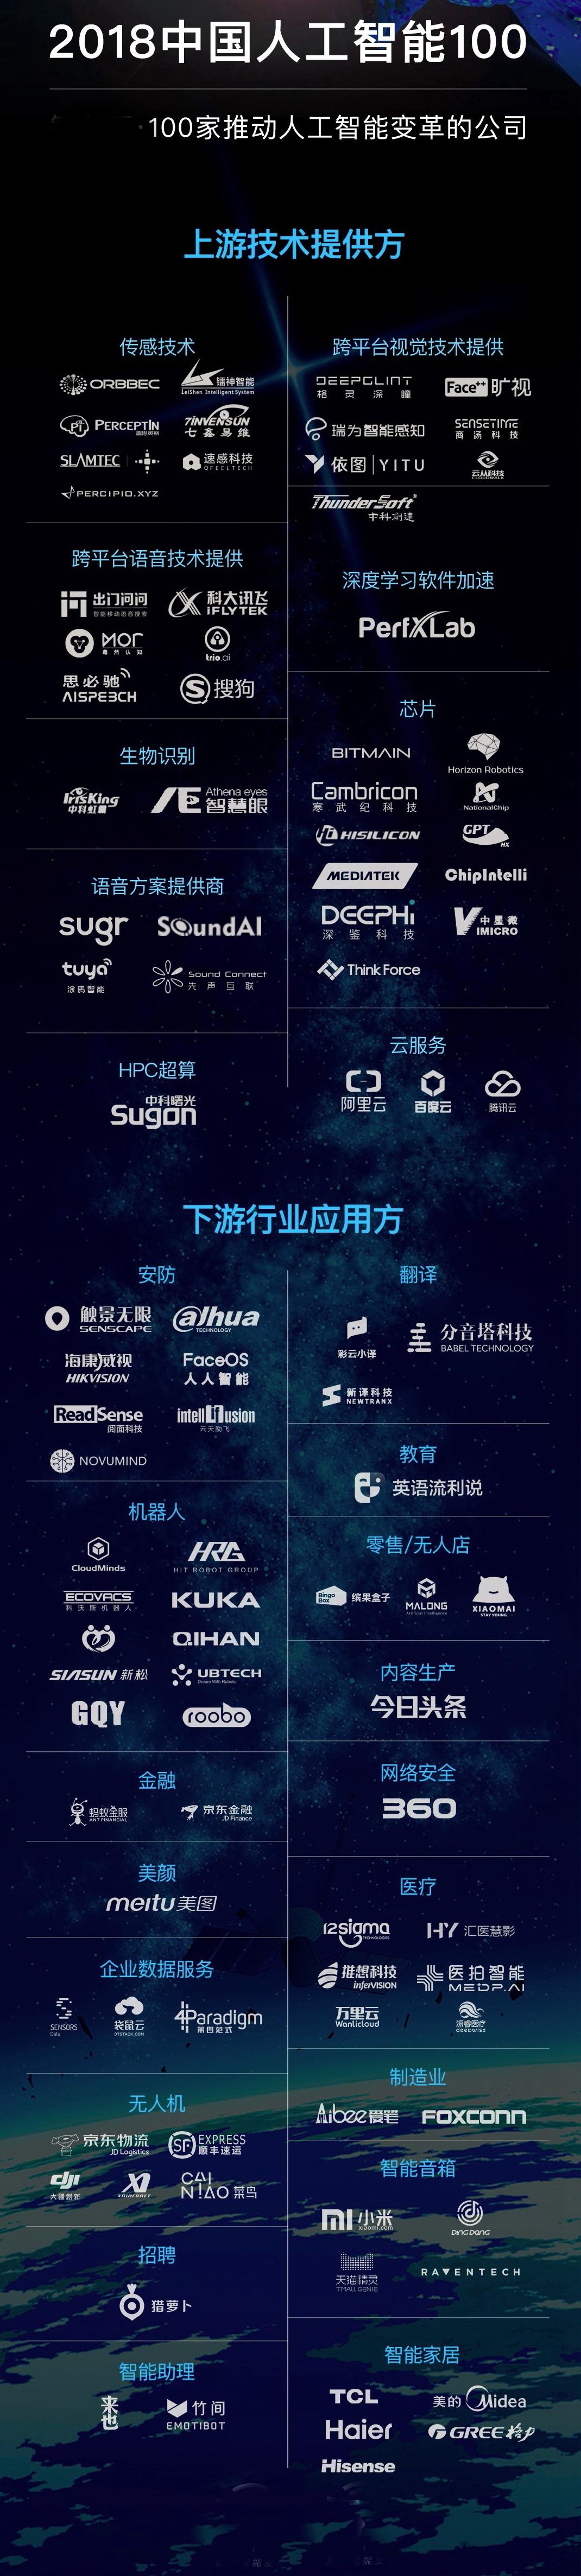 2018中国人工智能100